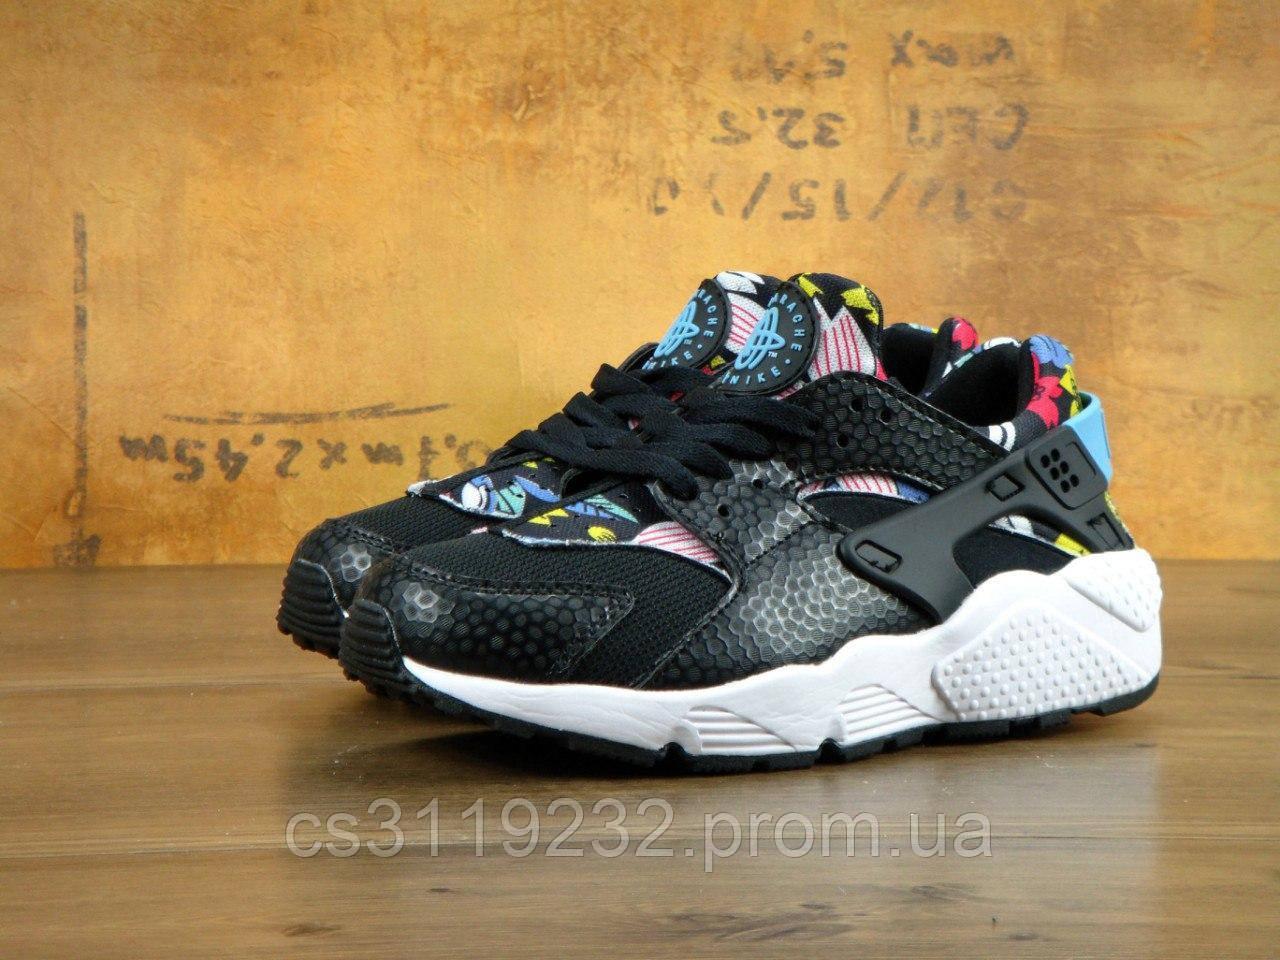 Женские кроссовки Nike Air Huarache (черные)